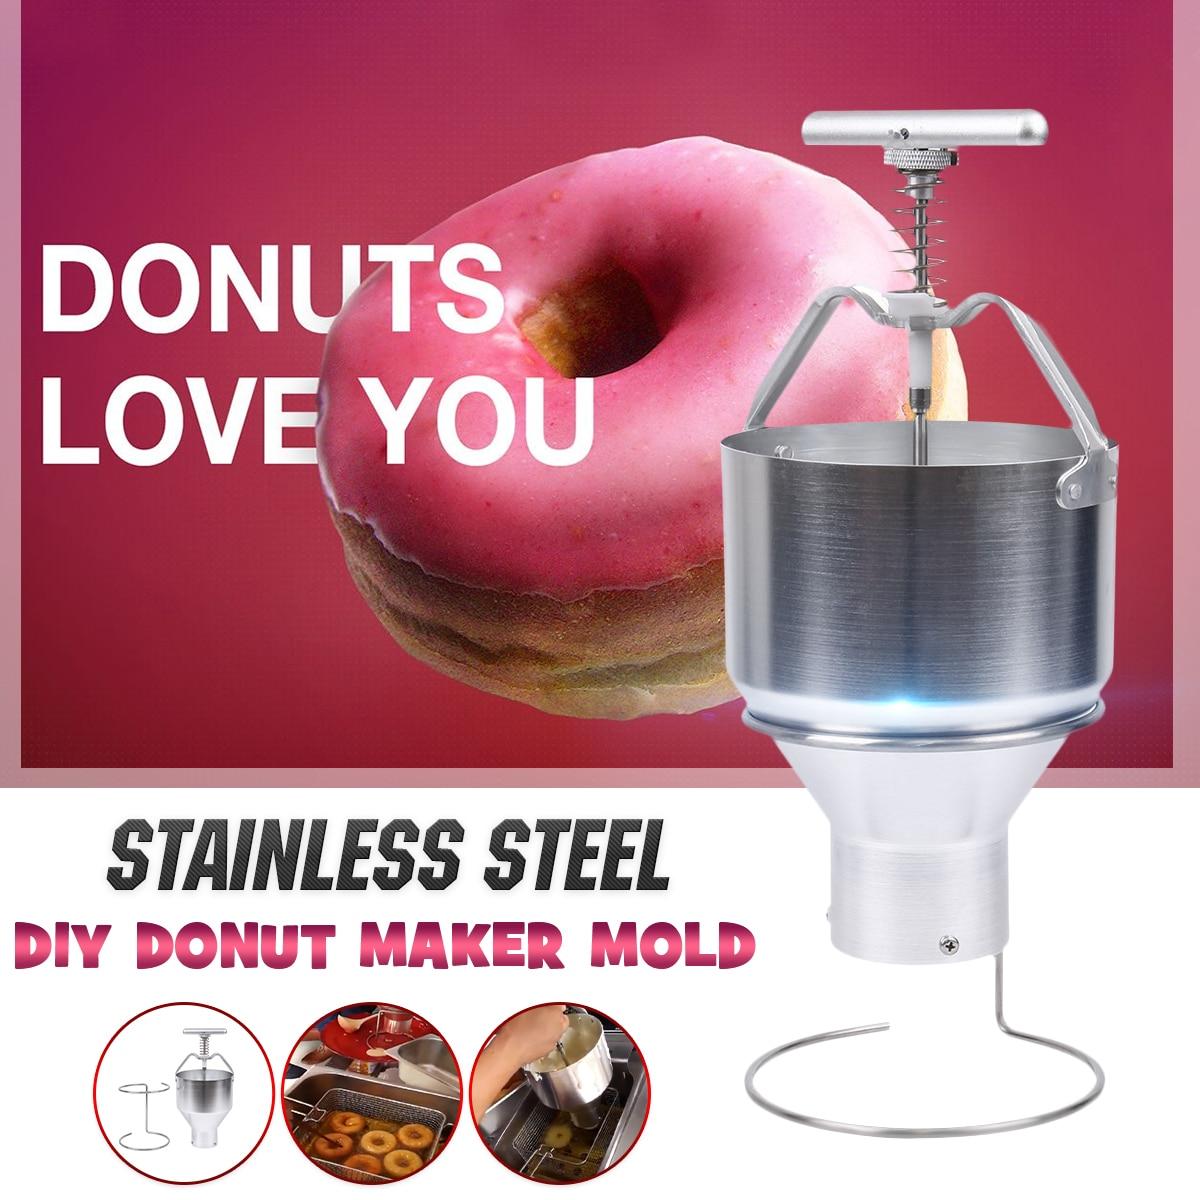 Manual Donut Depositor Dropper Plunger Dough Batter Dispenser Hopper Home